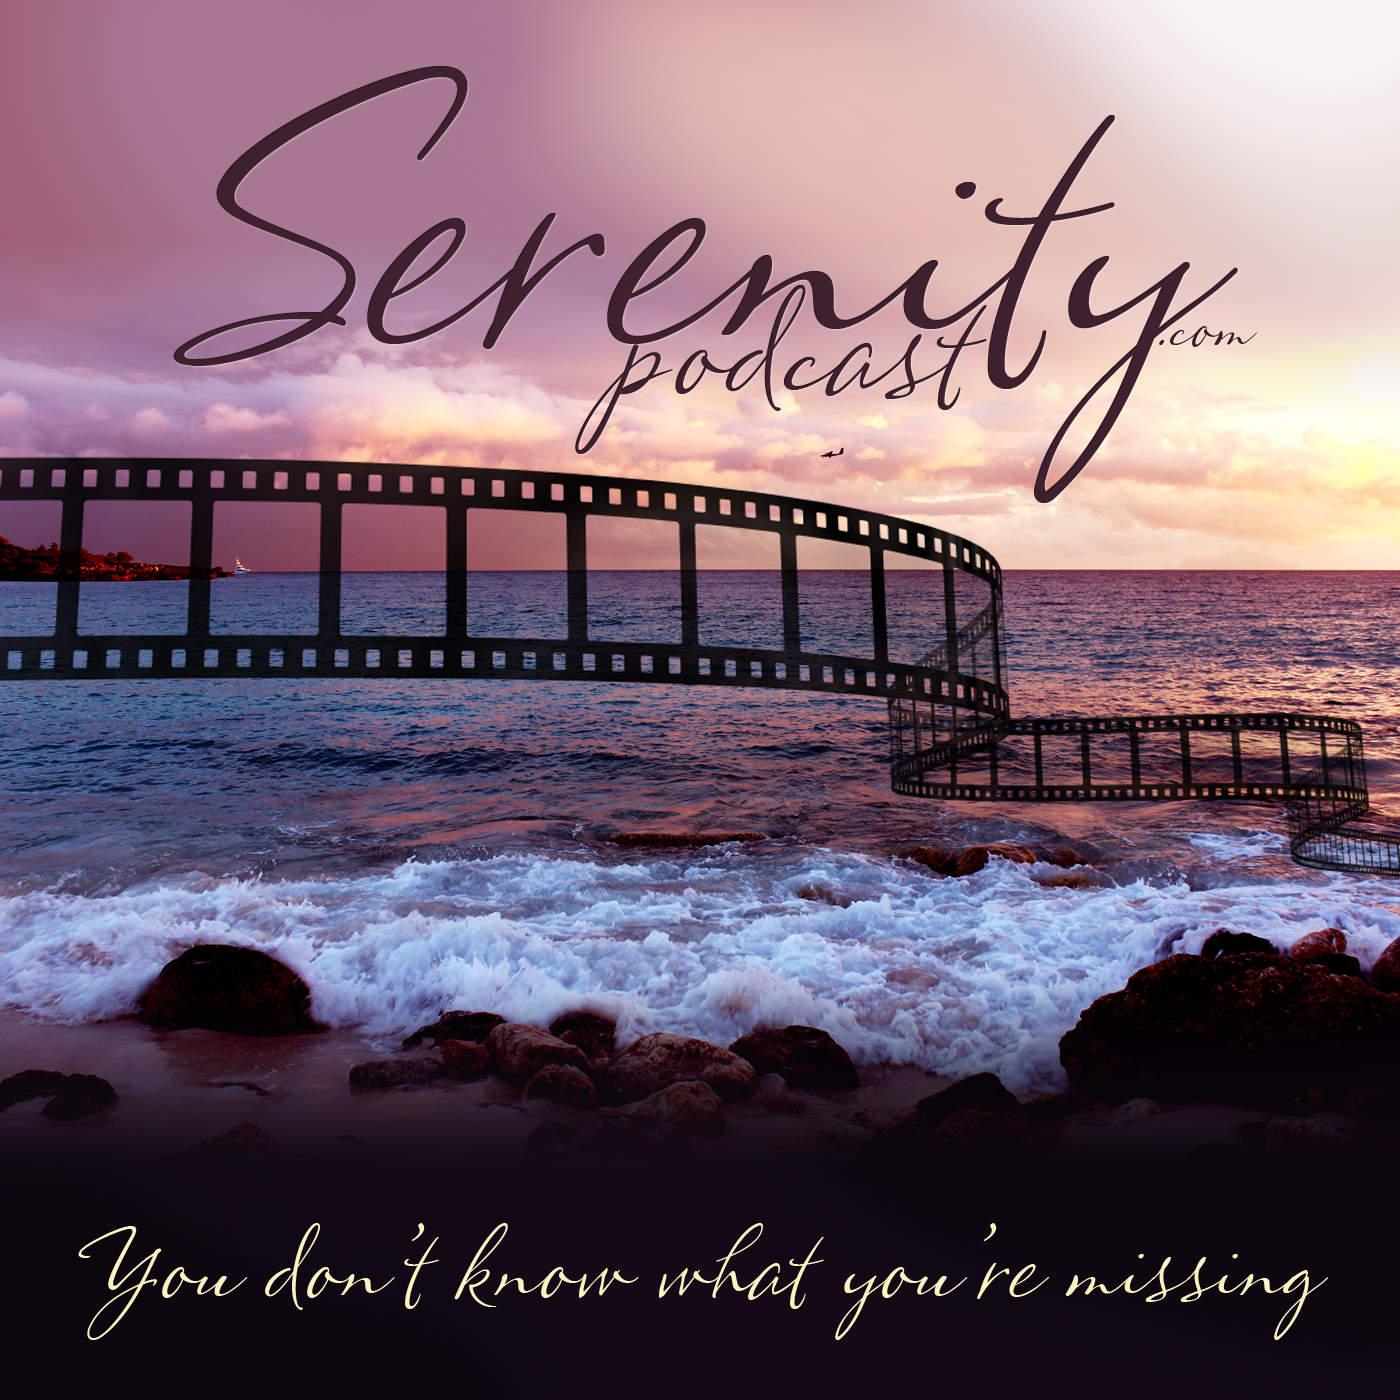 SerenityPodcast